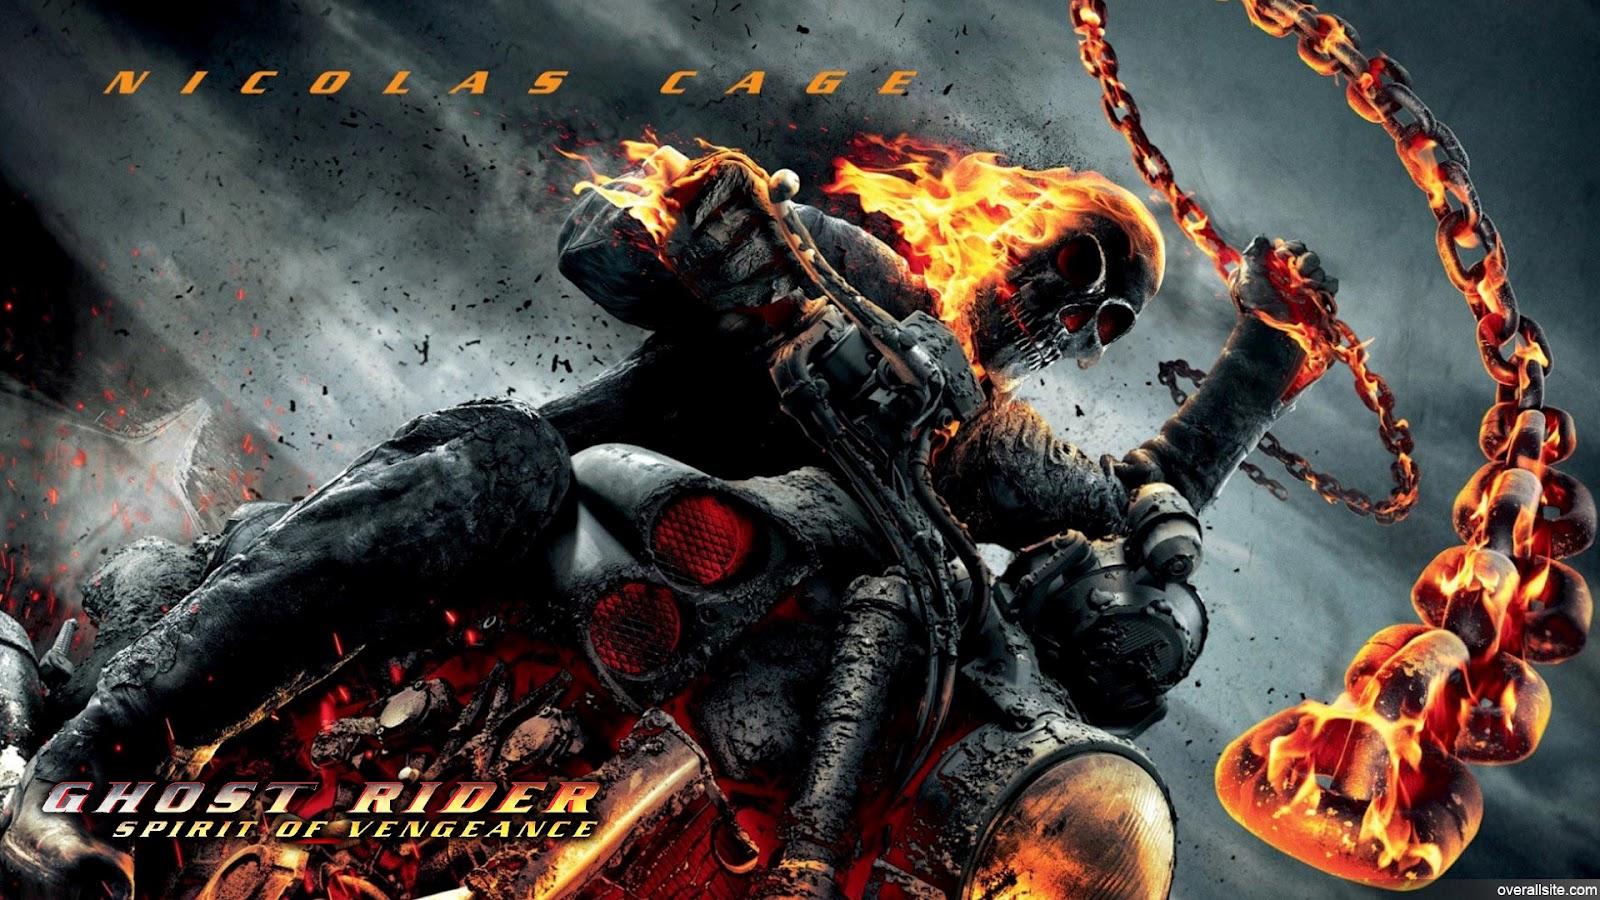 http://4.bp.blogspot.com/-aGKuSGU2OMI/T8BzE6bwhSI/AAAAAAAAA8s/COXQ-ZdsQQc/s1600/Ghost-Rider-Spirit-of-Vengeance-wallpapers-overallsite.jpg